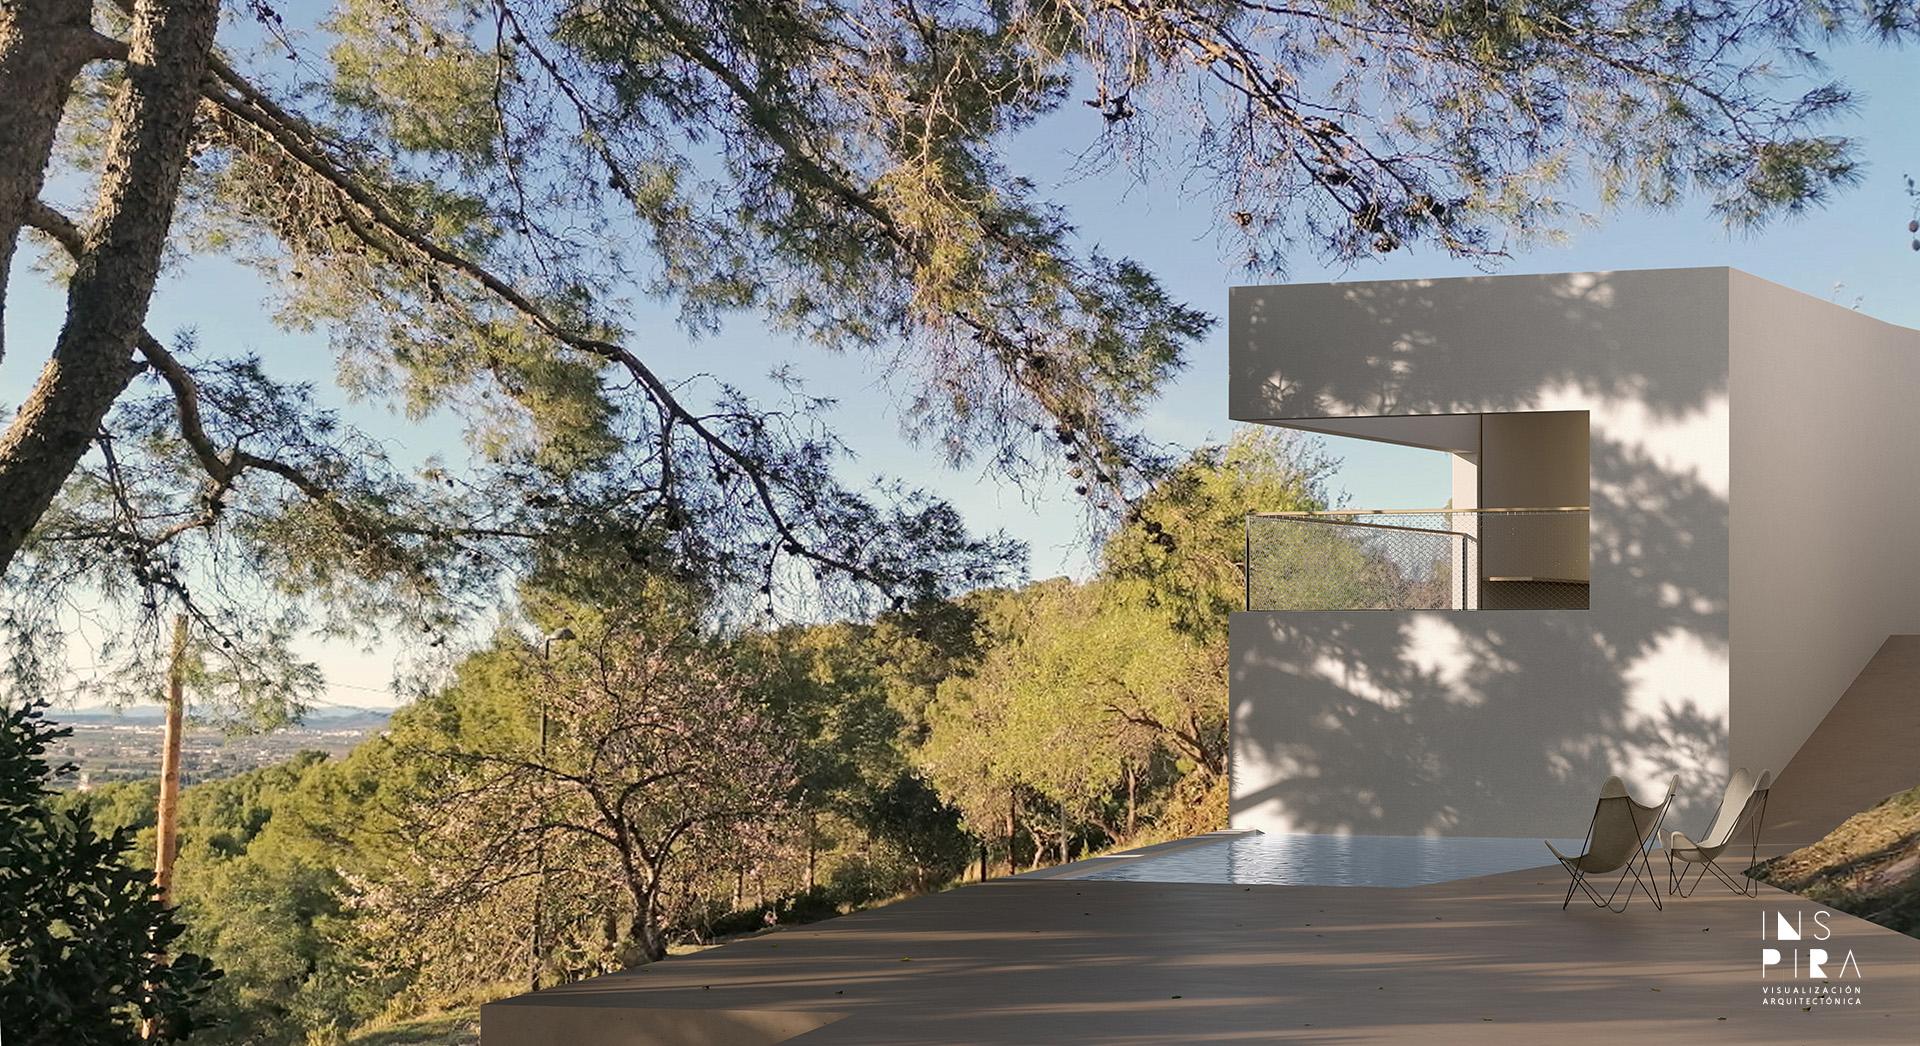 3d-arquitectura-inspira-estudio-render-exterior